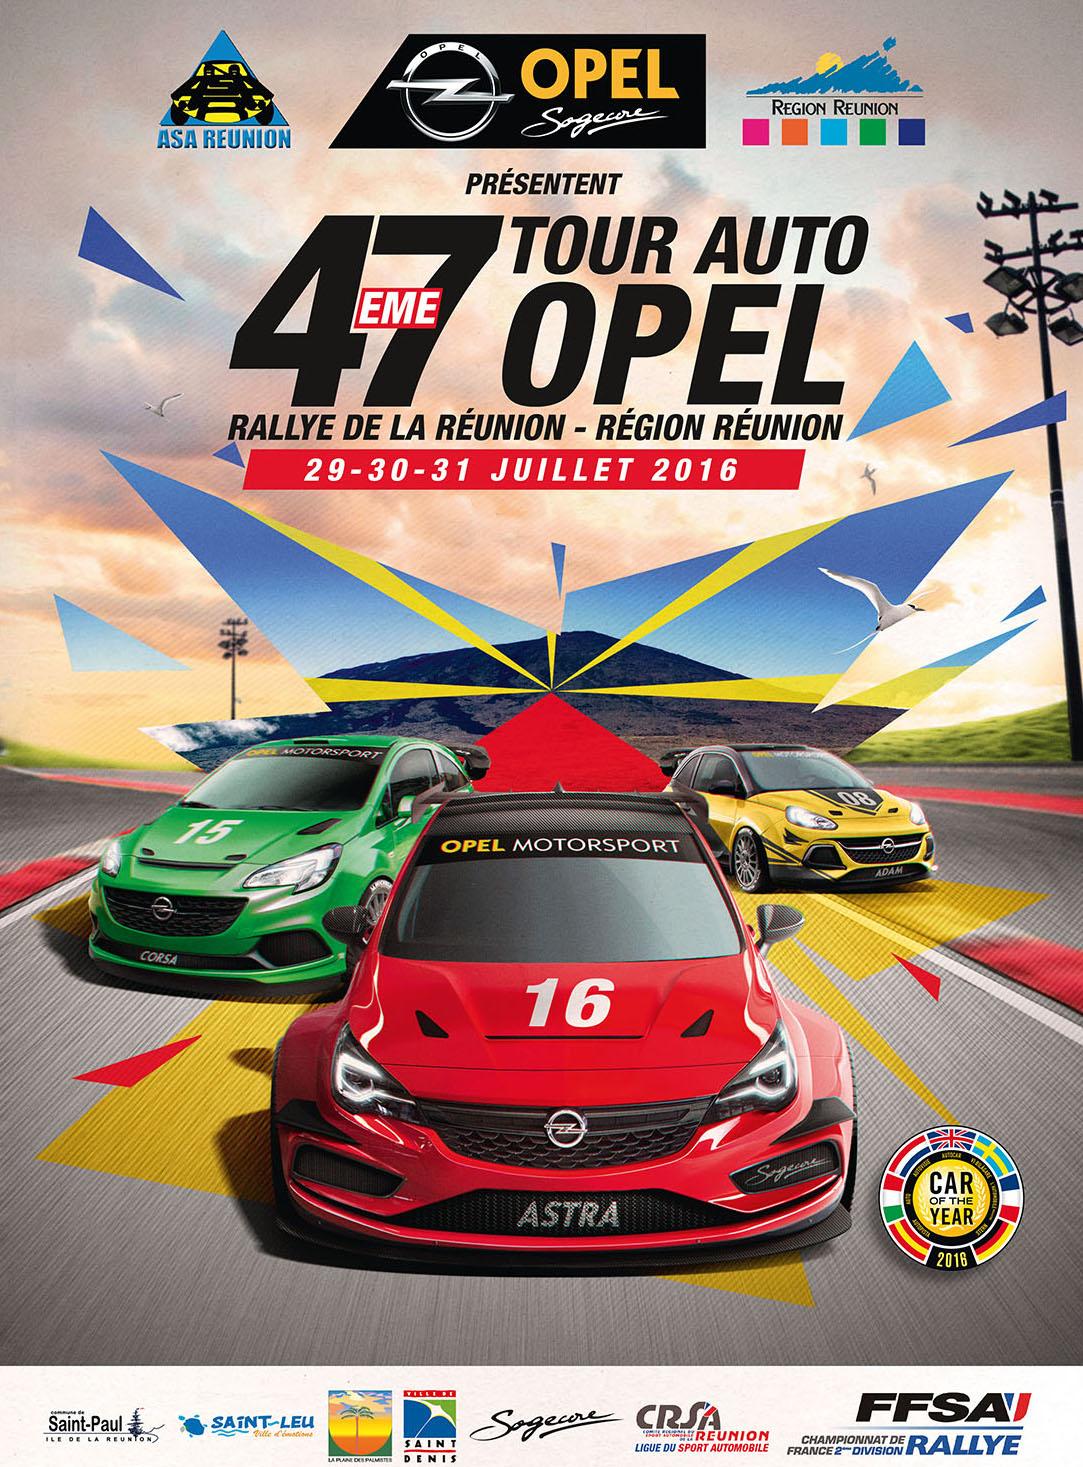 affiche-Tour Auto Opel